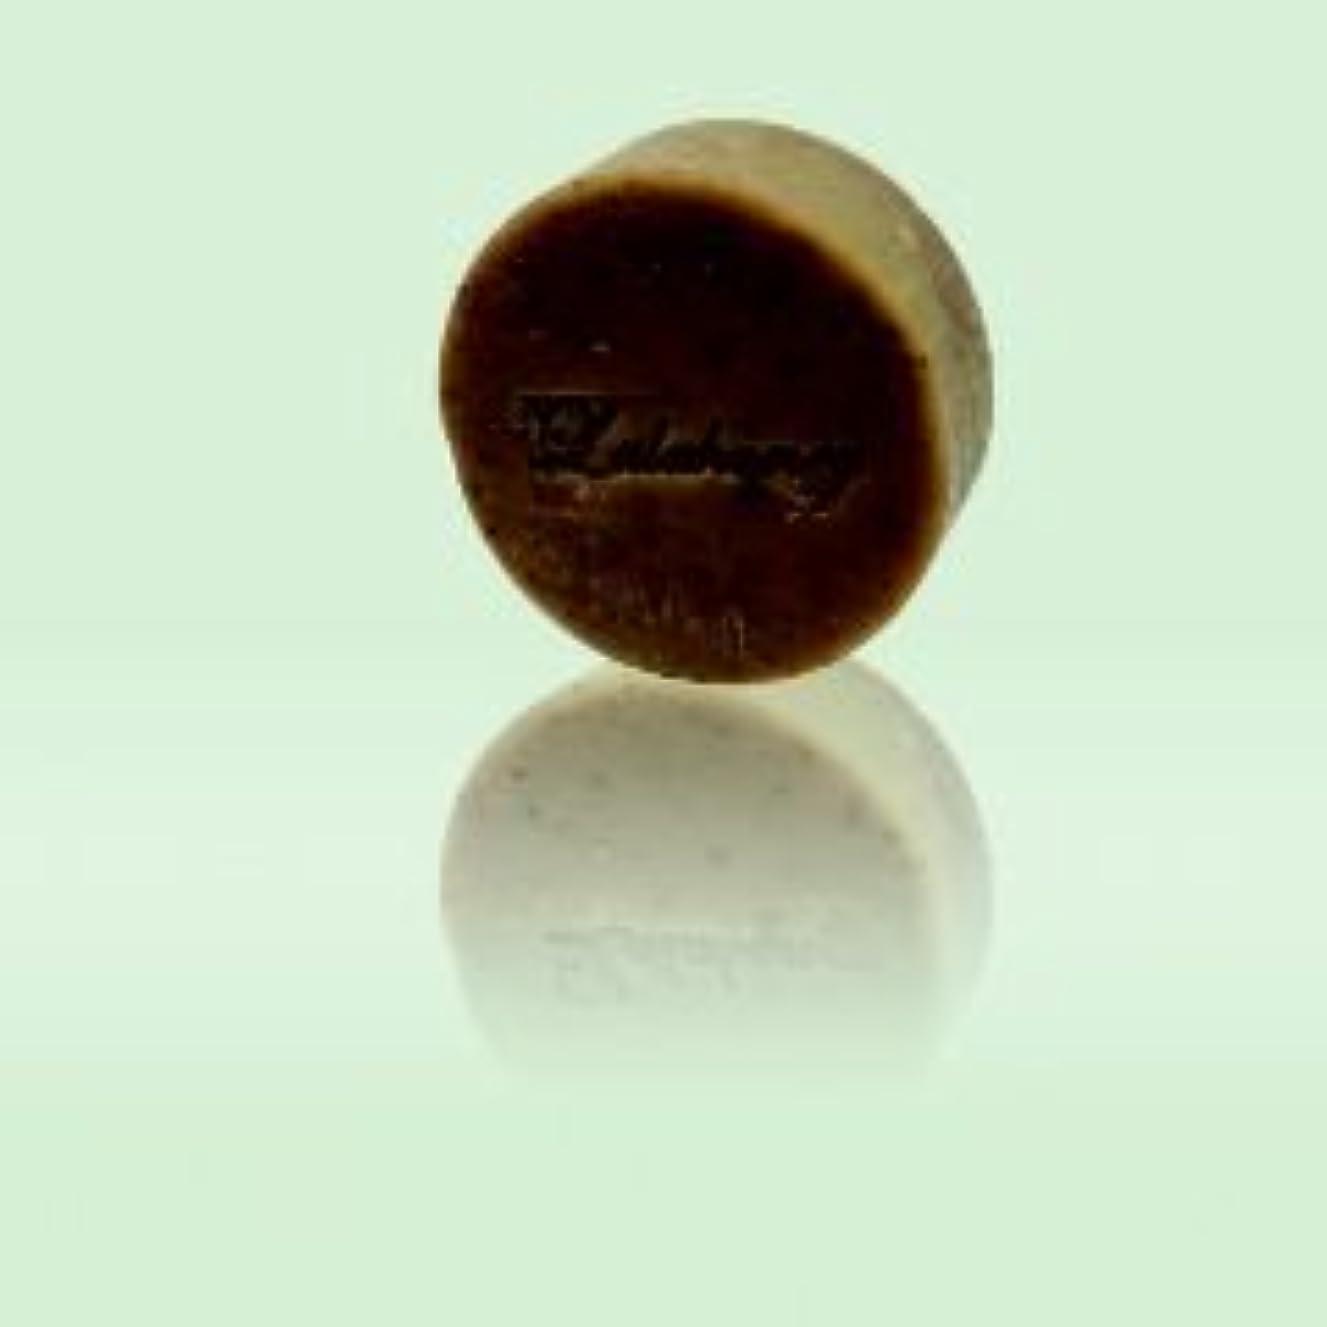 鈍い節約レベルLALAHONEY 石鹸〈チョコレート&オレンジ〉80g【手作りでシンプルなコールドプロセス製法】